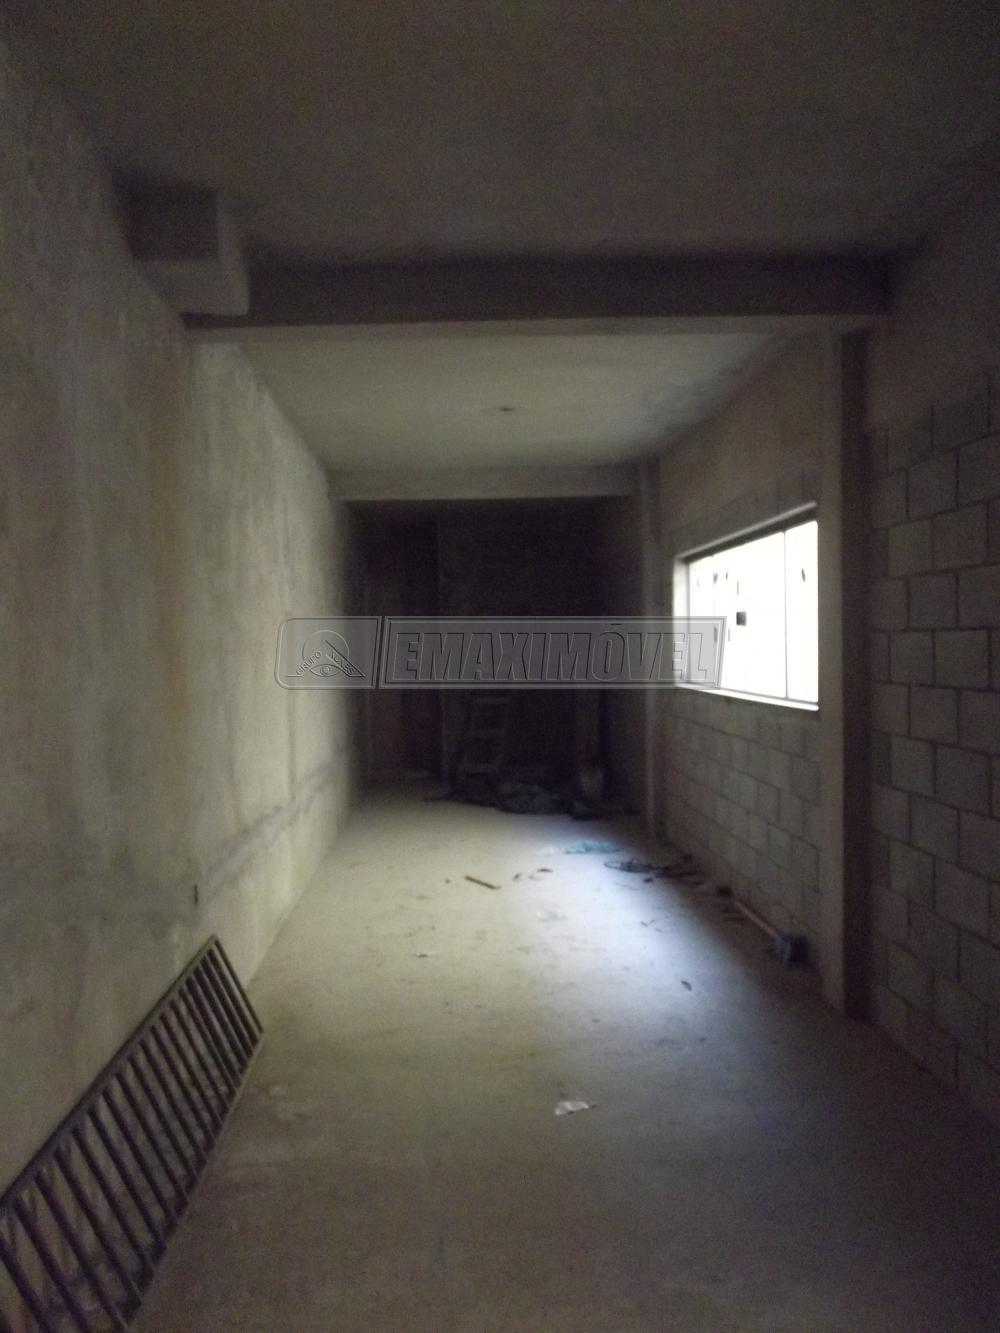 Alugar Galpão / em Bairro em Sorocaba R$ 8.000,00 - Foto 10